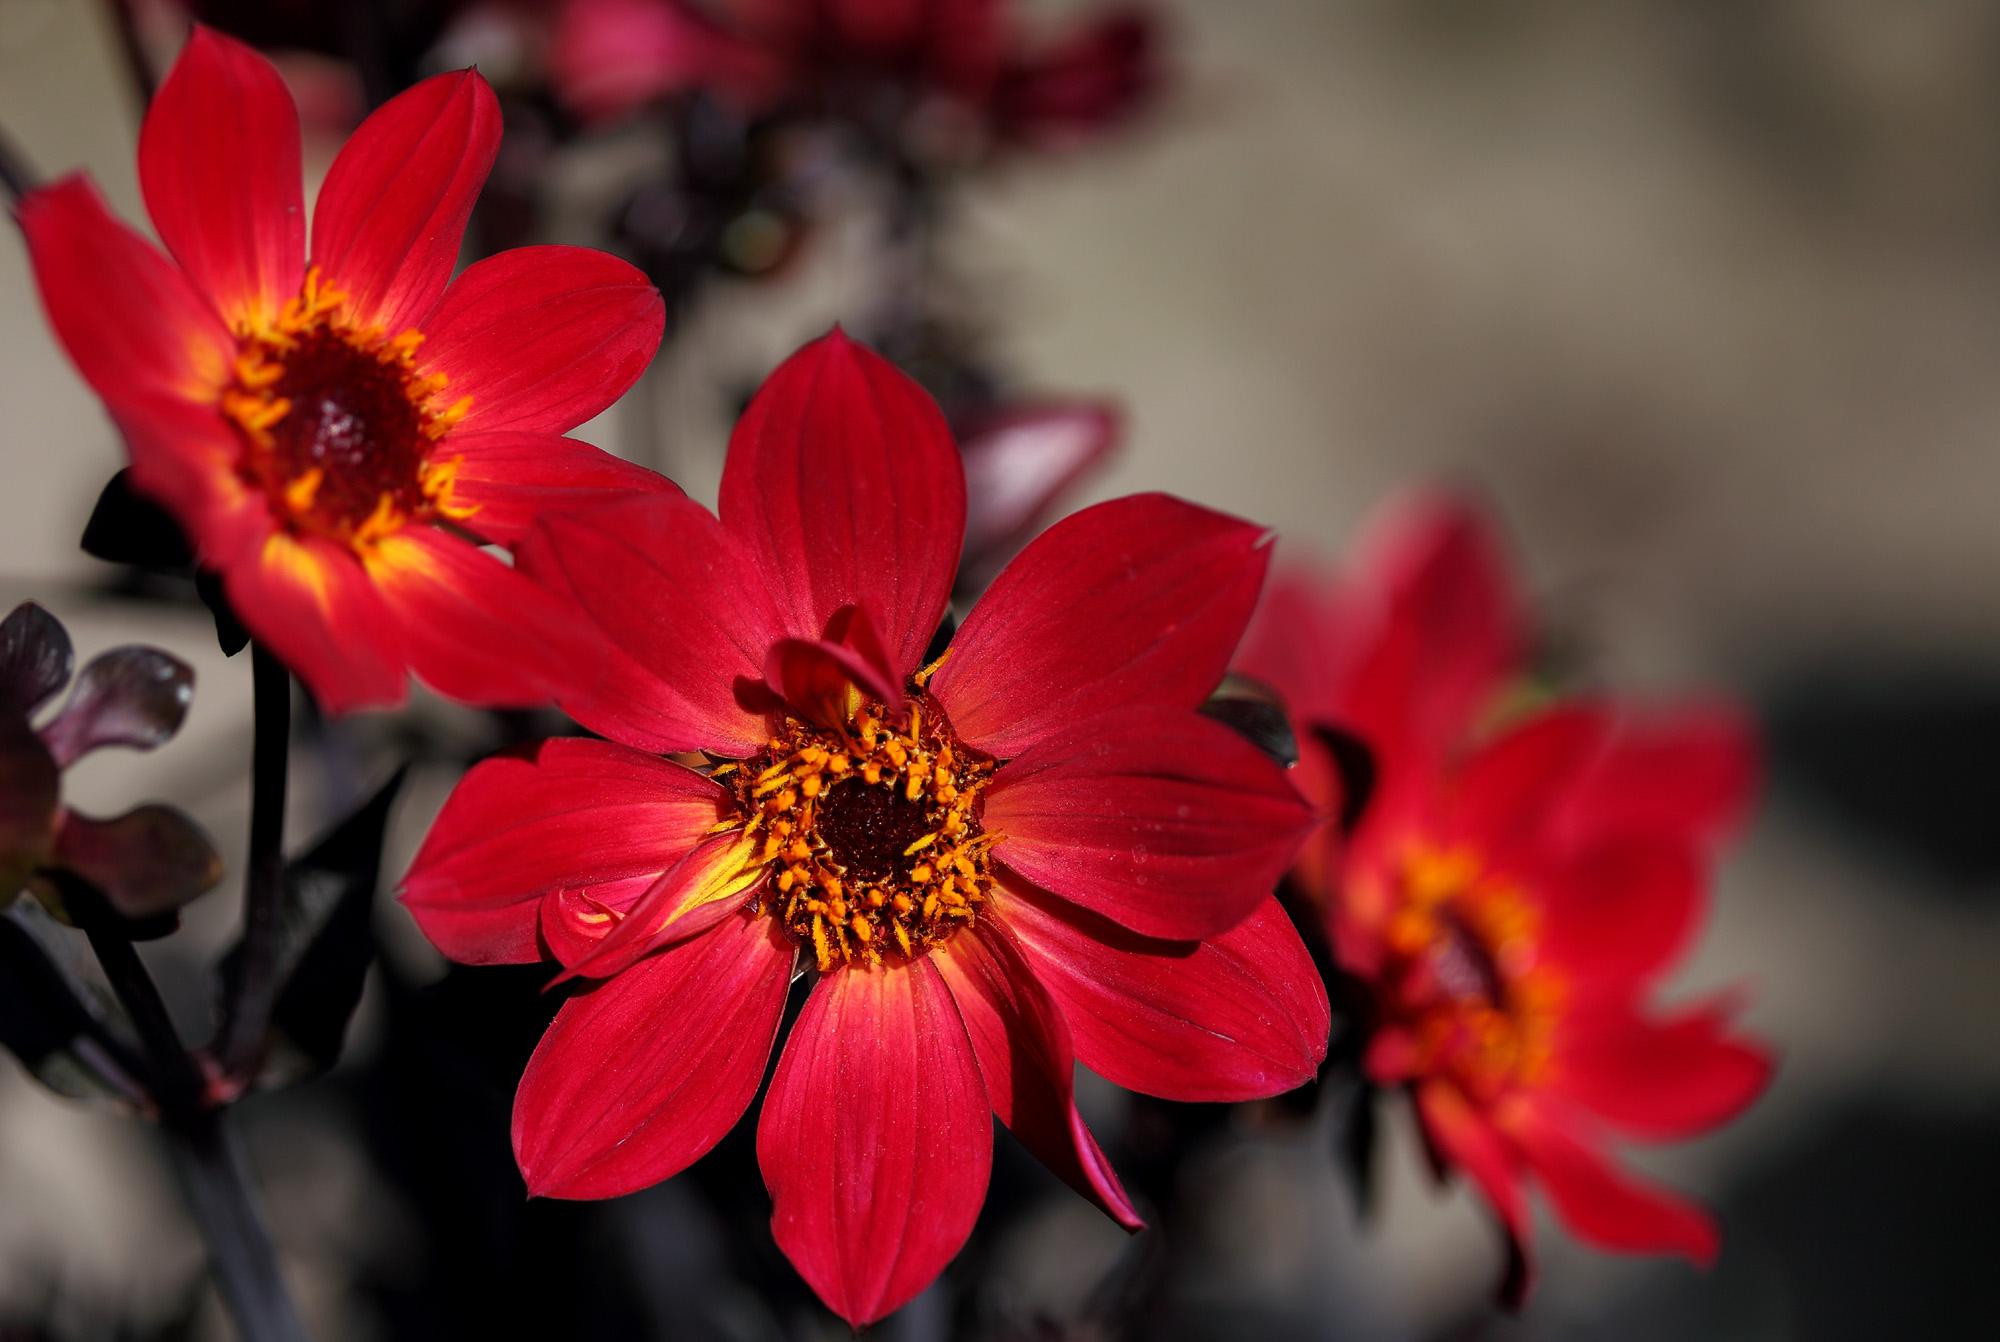 трактовка красные только красные цветы фото глынин, молодой